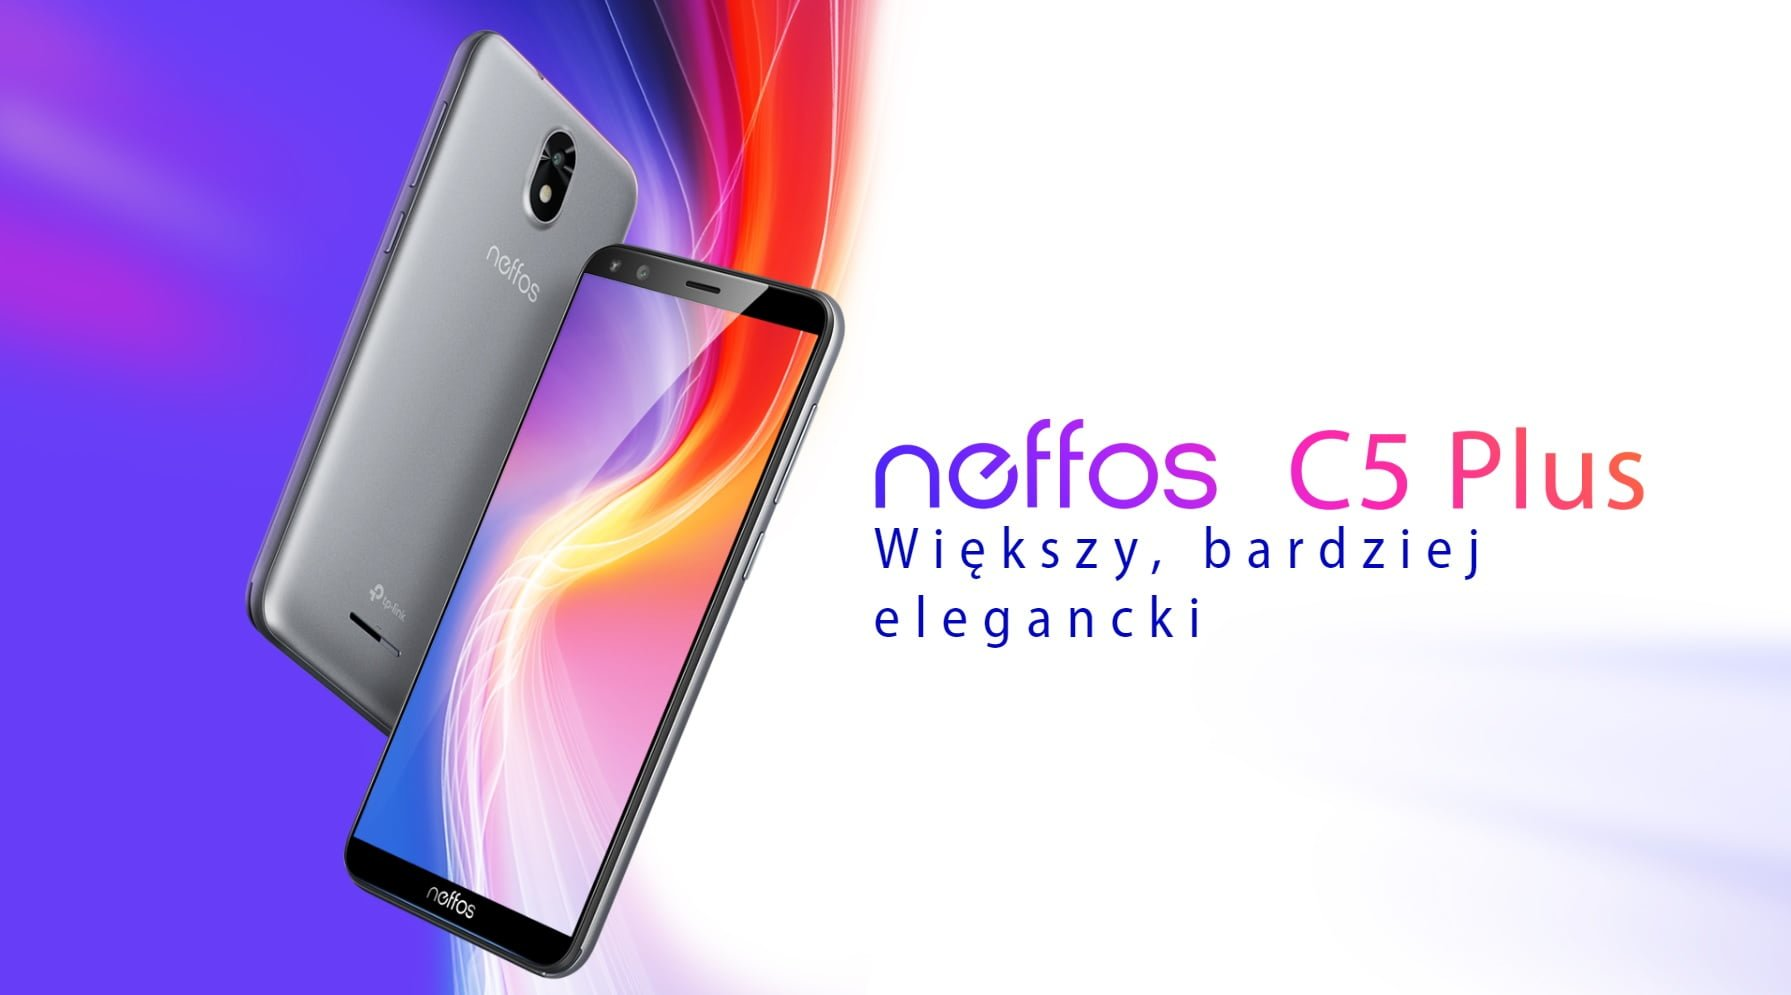 Budżetowy Neffos C5 Plus z ekranem 18:9 i Androidem Go trafił do sprzedaży w Polsce 25